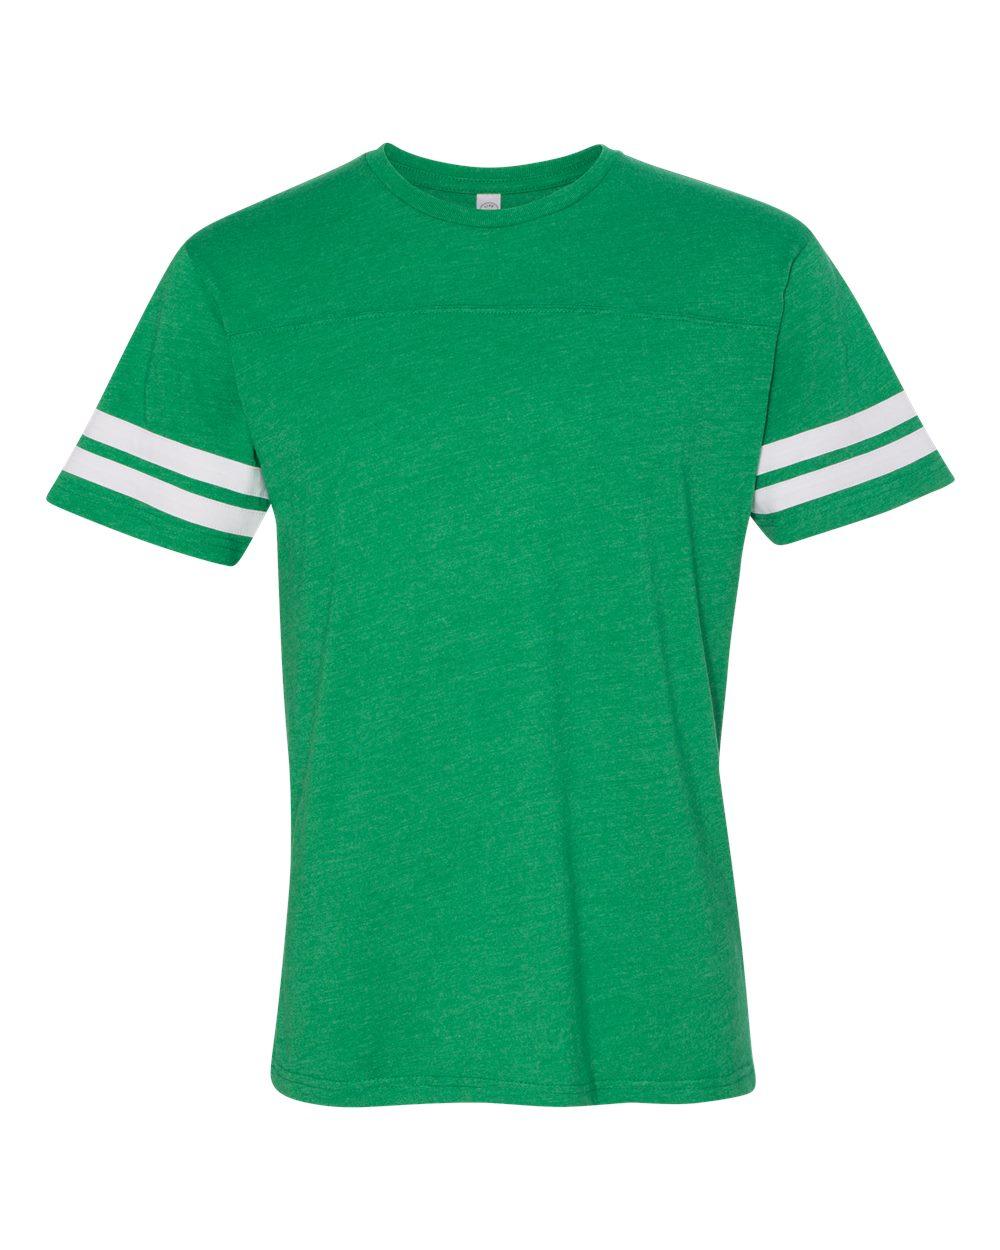 Vintage Green/ White